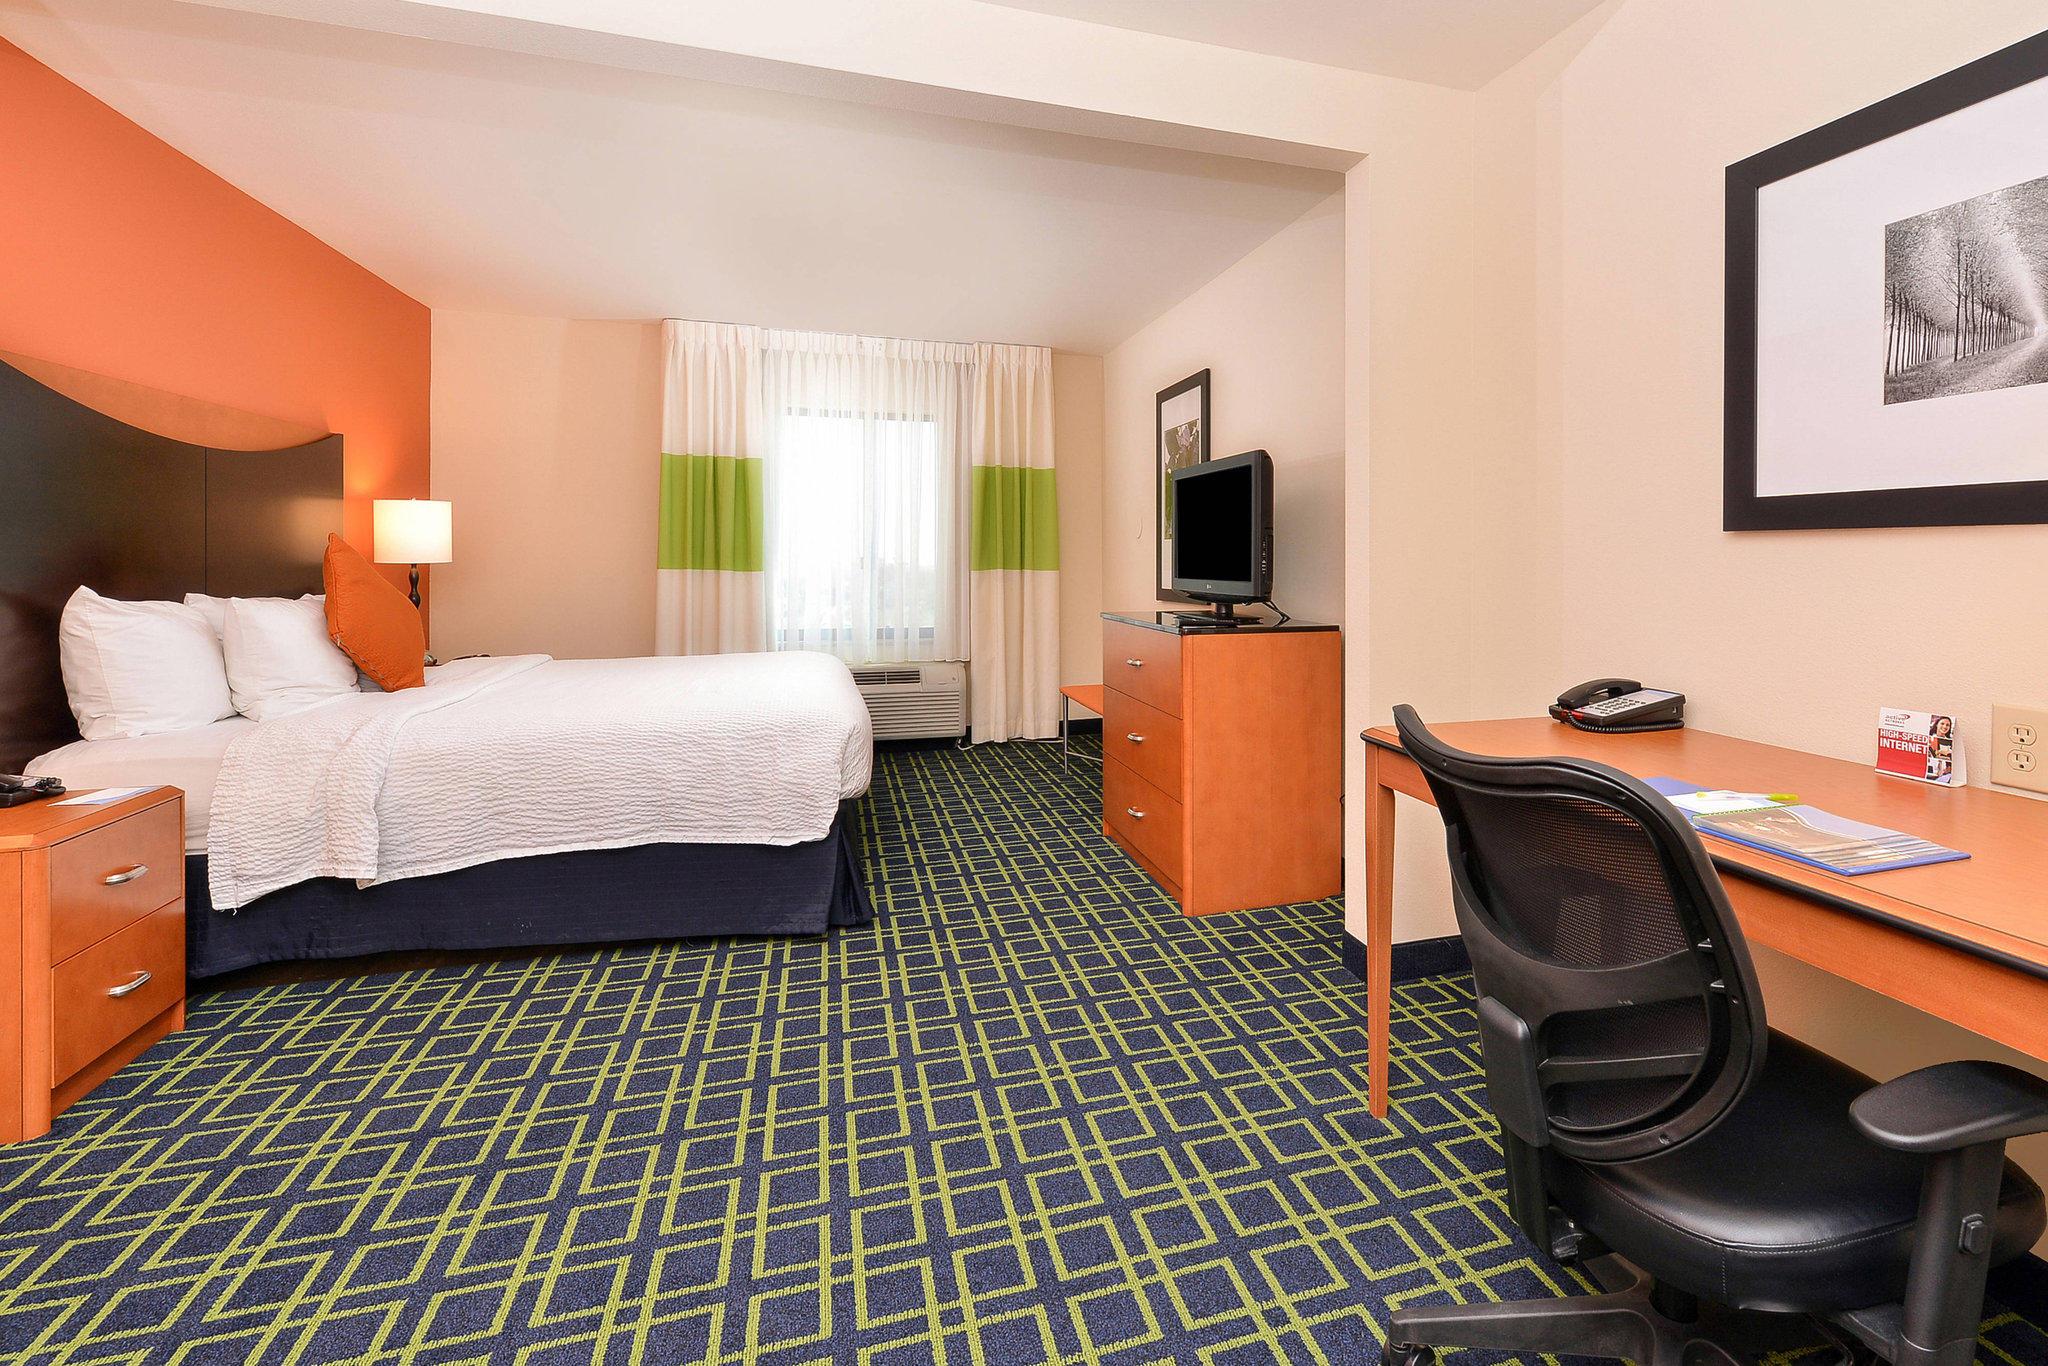 Fairfield Inn & Suites by Marriott Denver Aurora/Parker